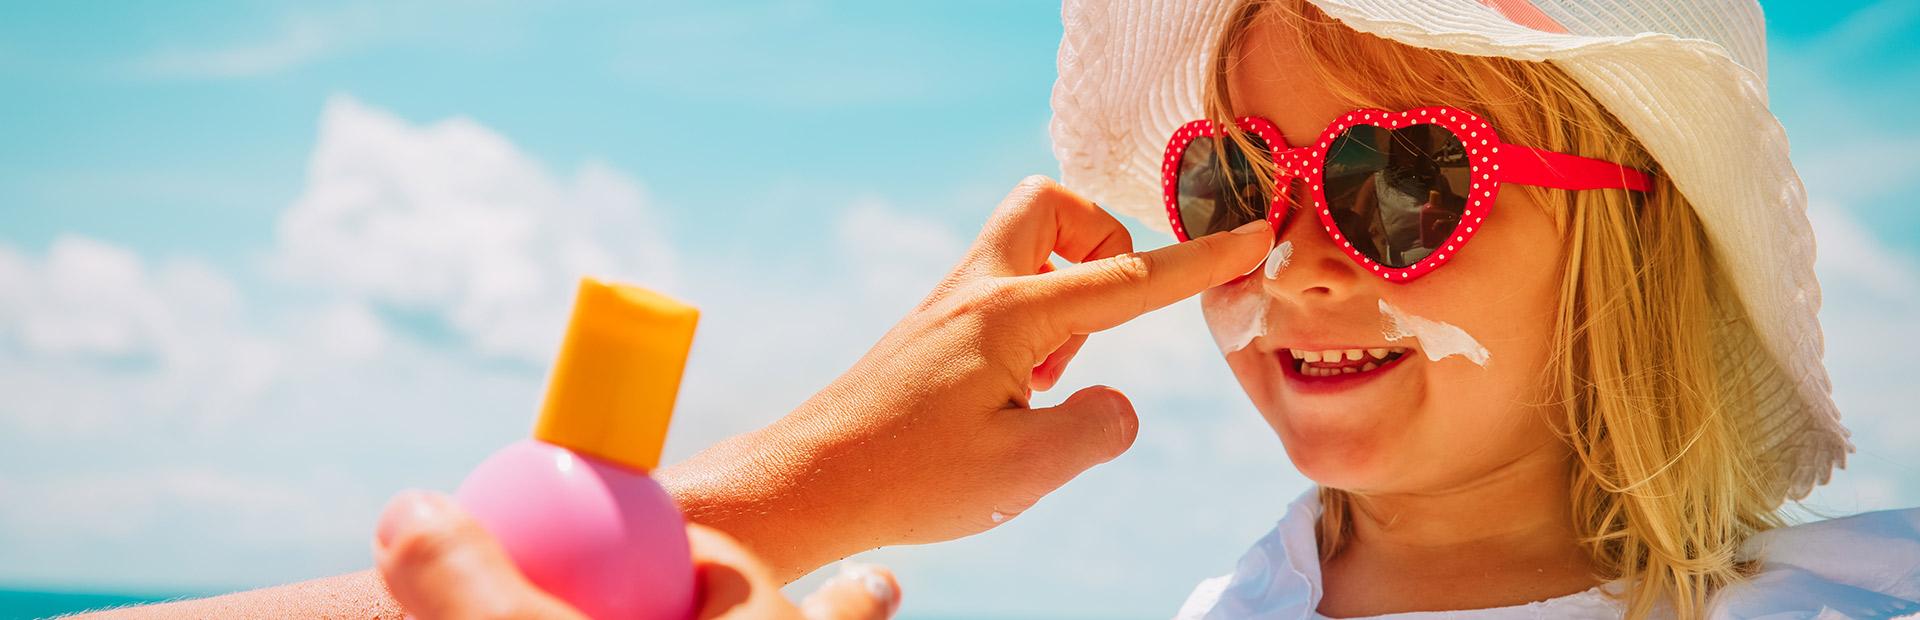 prevenzione-dermatologica-lattenzione-sotto-al-sole